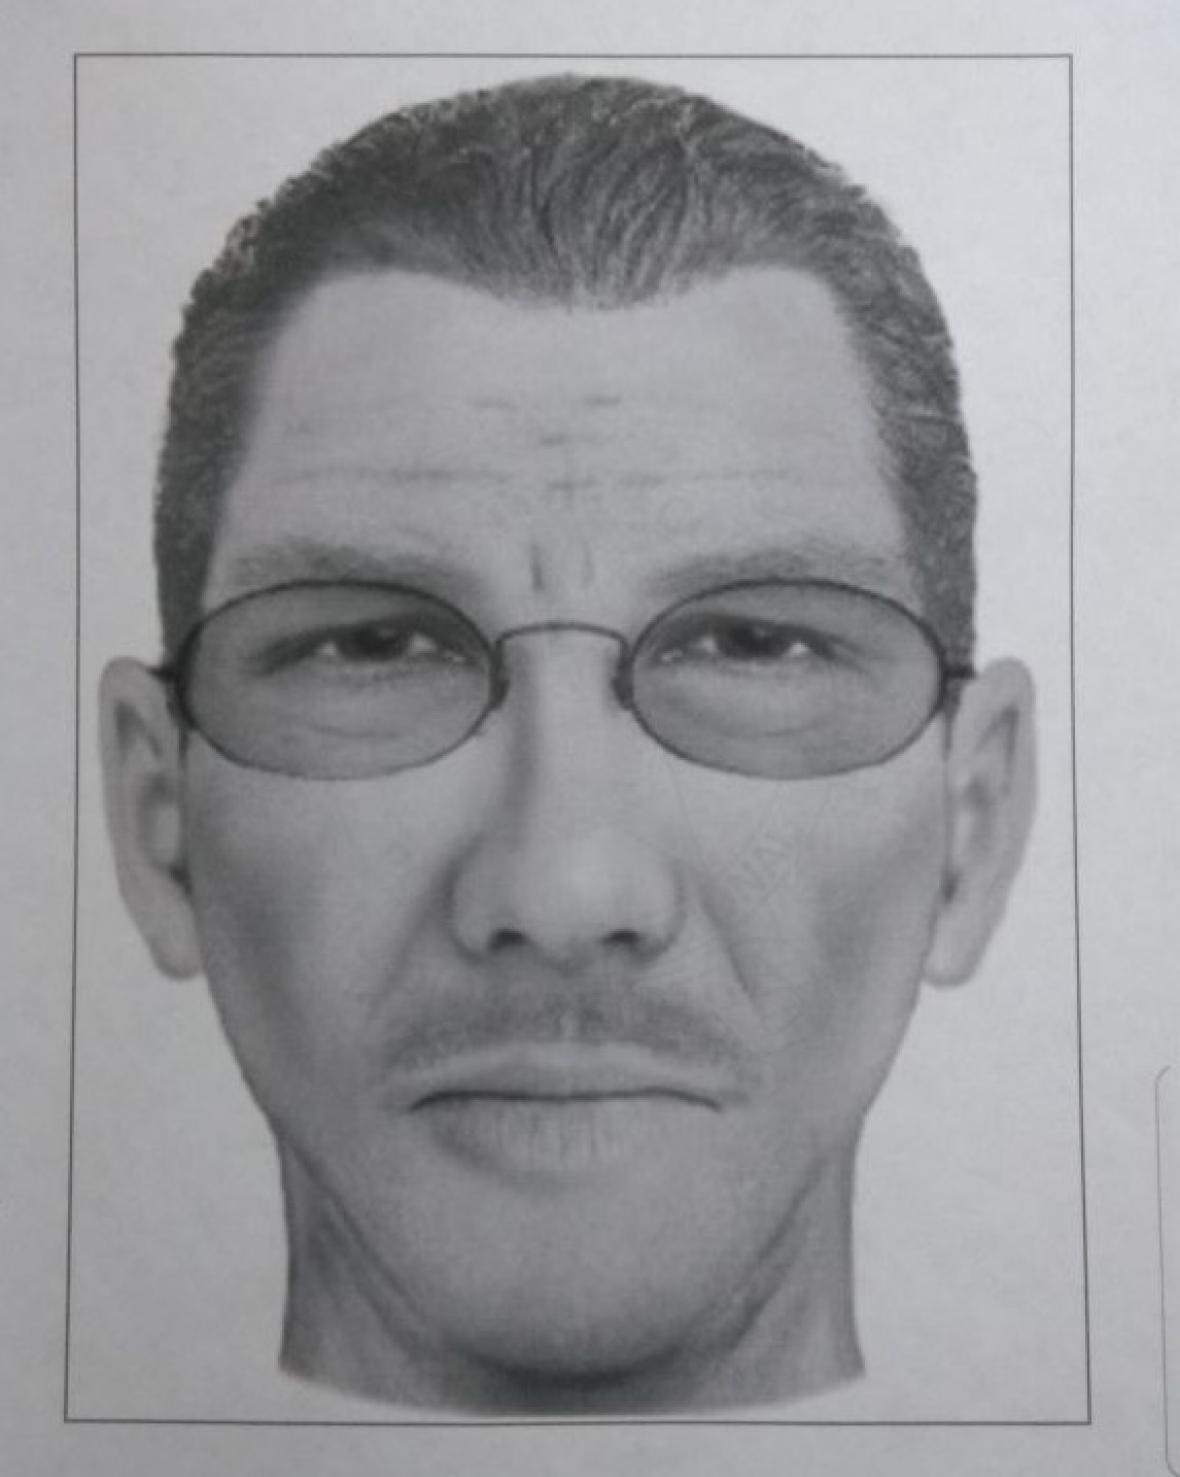 Retrato hablado de tercer terrorista que busca Policia por ataque en Barranquilla